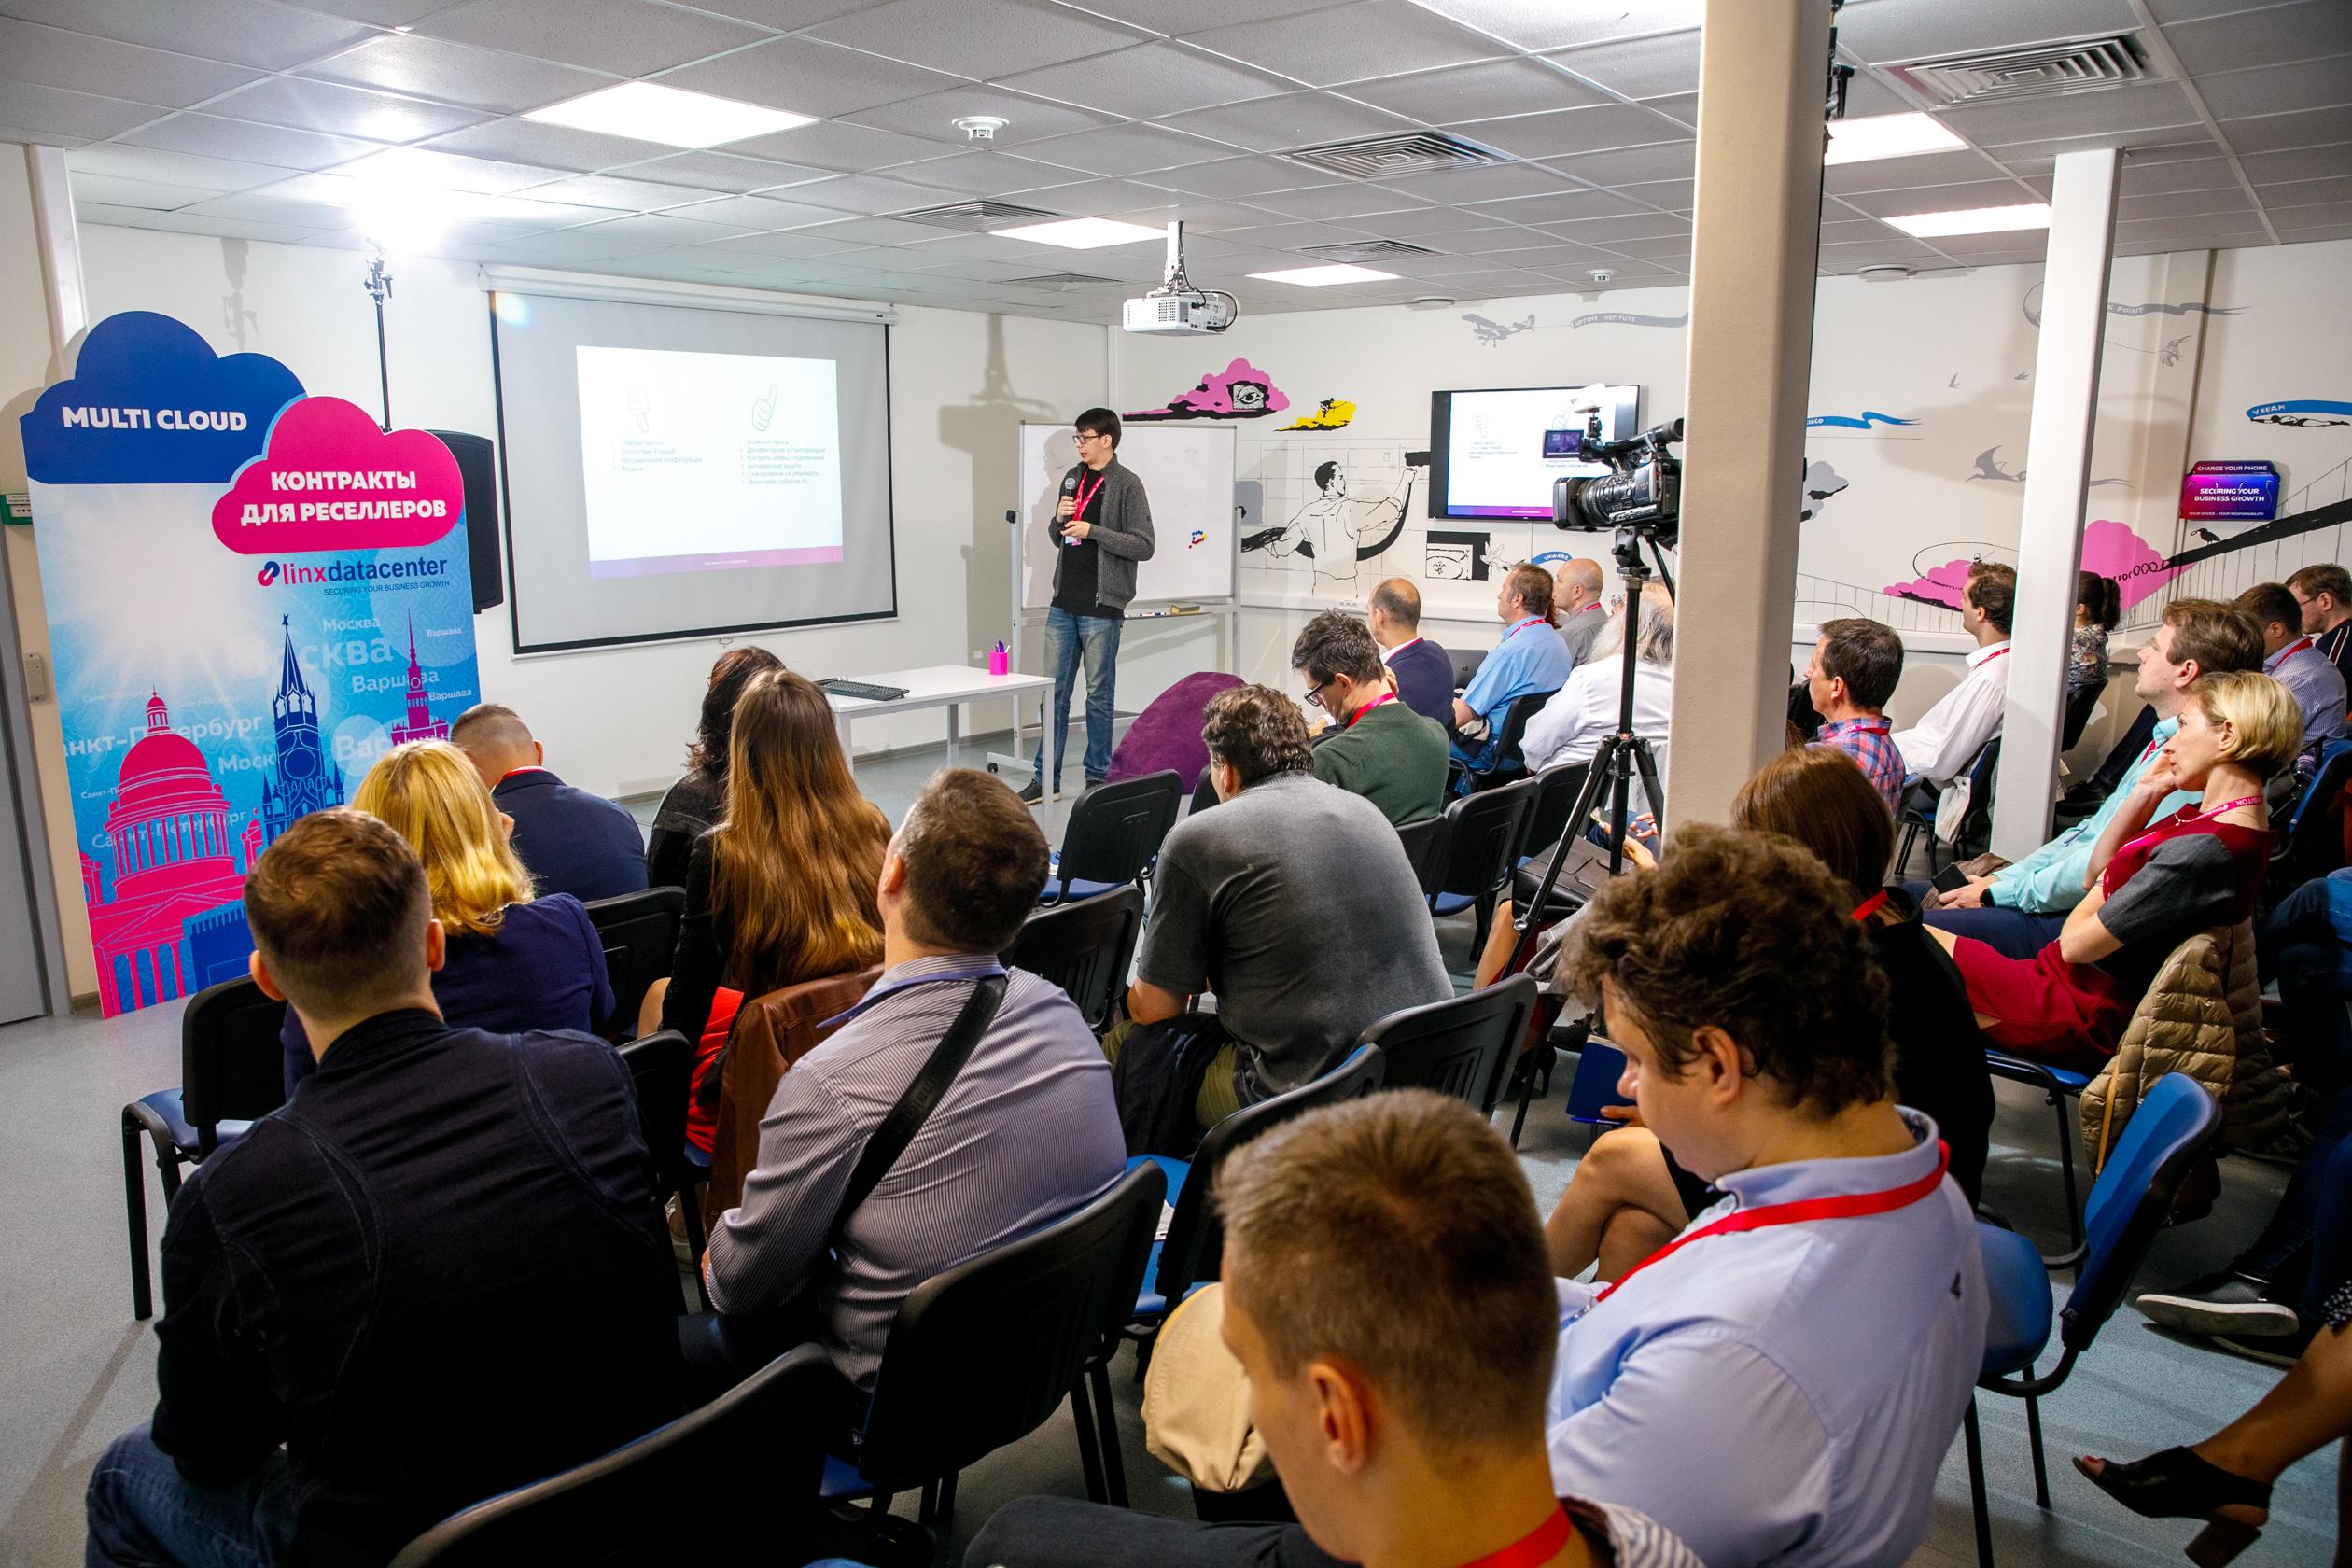 Семинар «Обеспечение безопасности персональных данных» — 3 октября, Санкт-Петербург